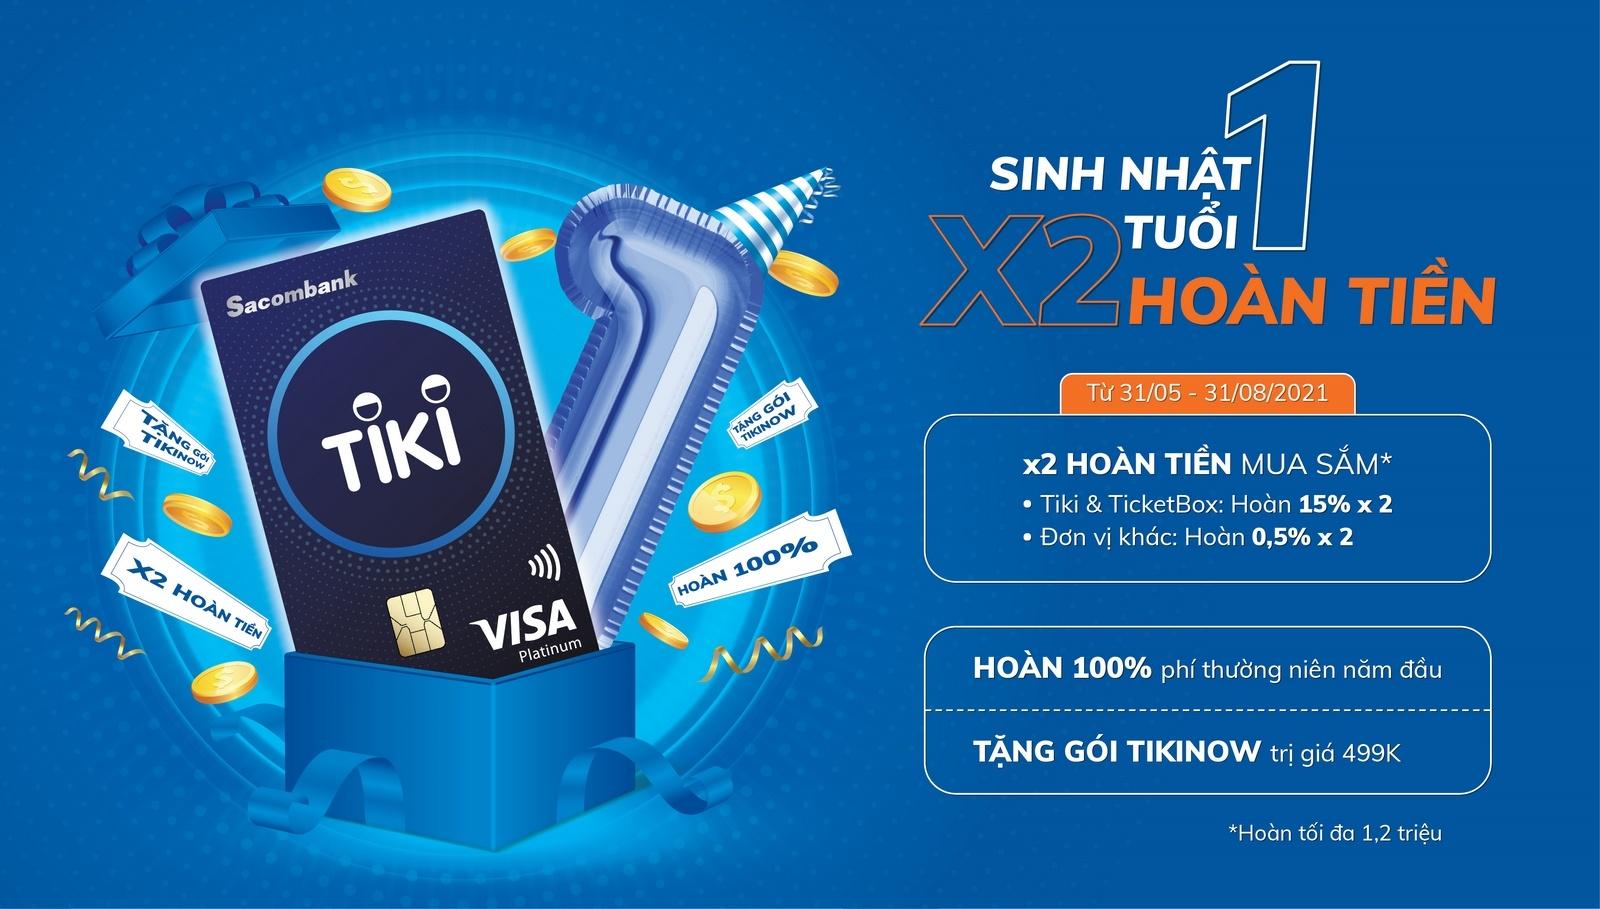 hoan phi thuong nien va tang tien cho khach hang mo the sacombank tiki